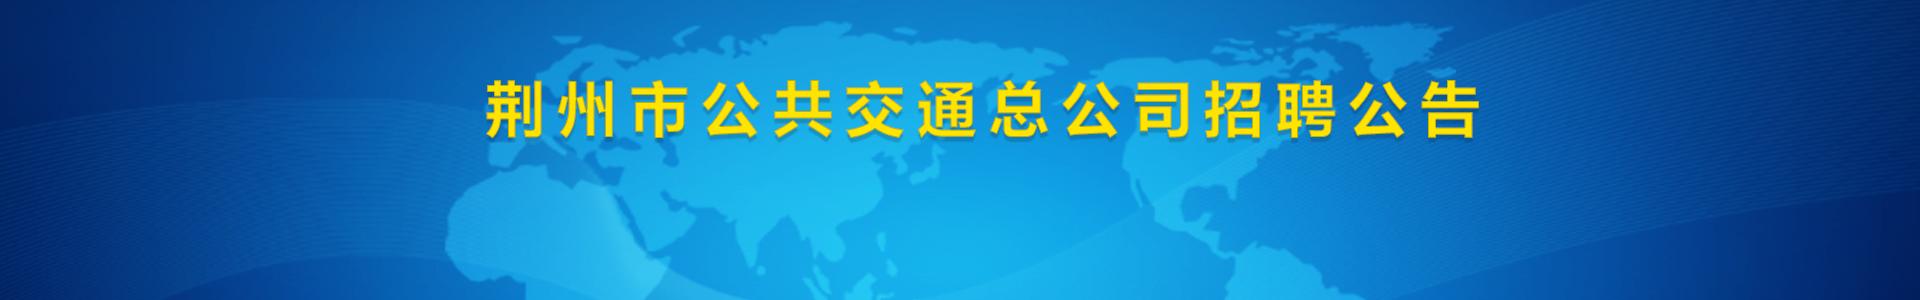 荆州市公共交通总公司招聘公告